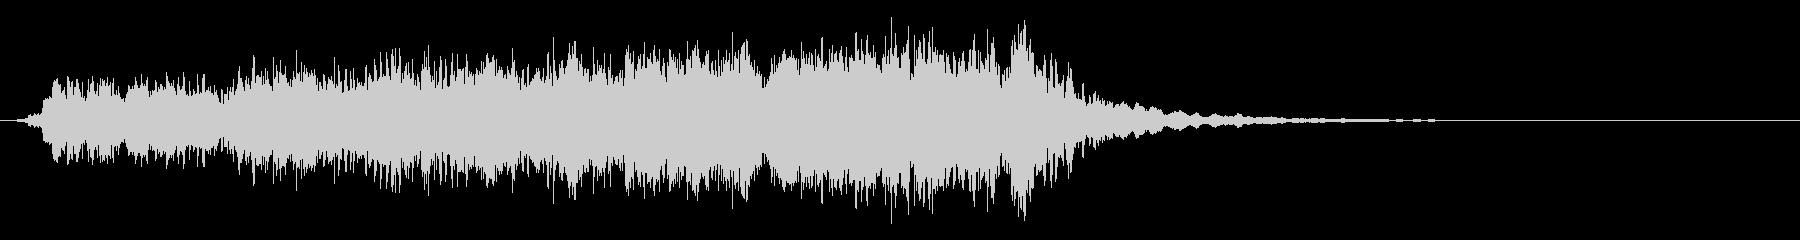 『ヒュードロドロ』篠笛と太鼓の効果音の未再生の波形